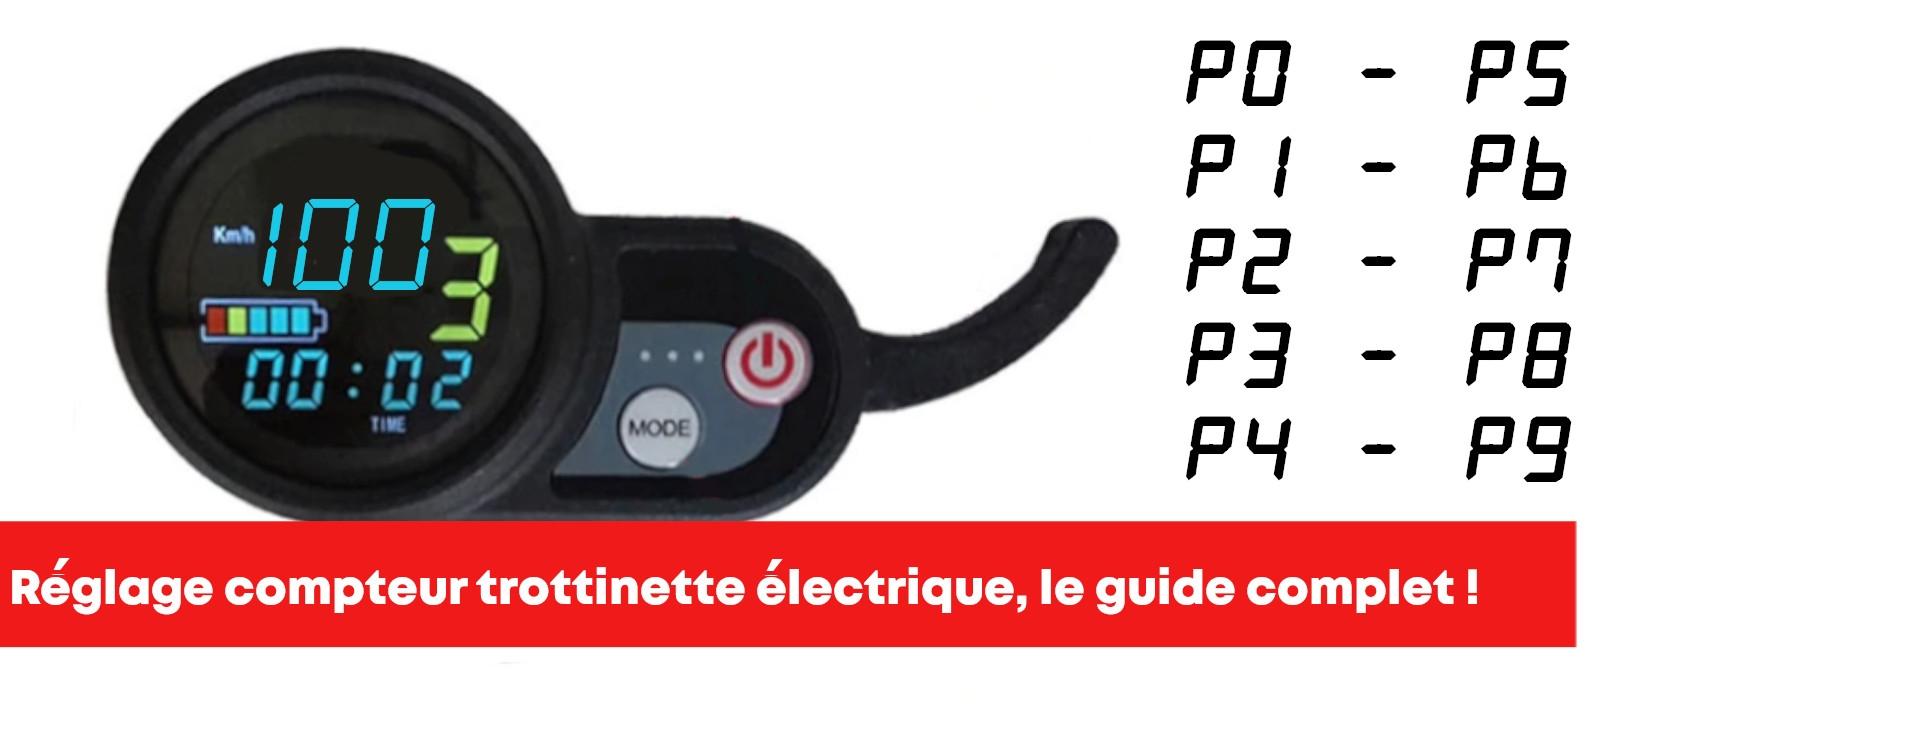 Réglage écran LCD trottinette électrique, le guide ultime !